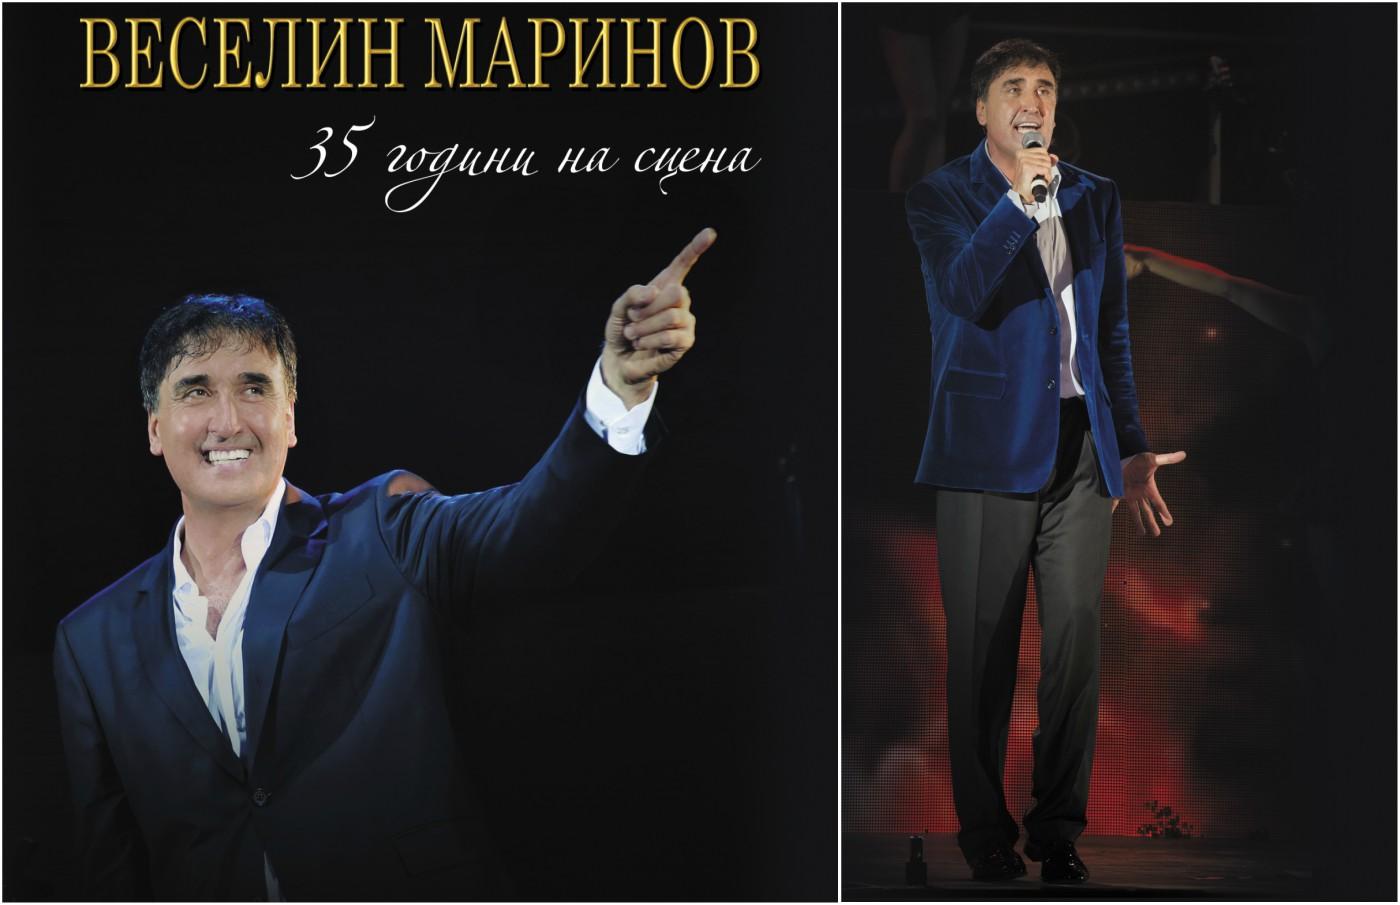 """Веселин Маринов представи """"35 години на сцена"""" на DVD х3"""